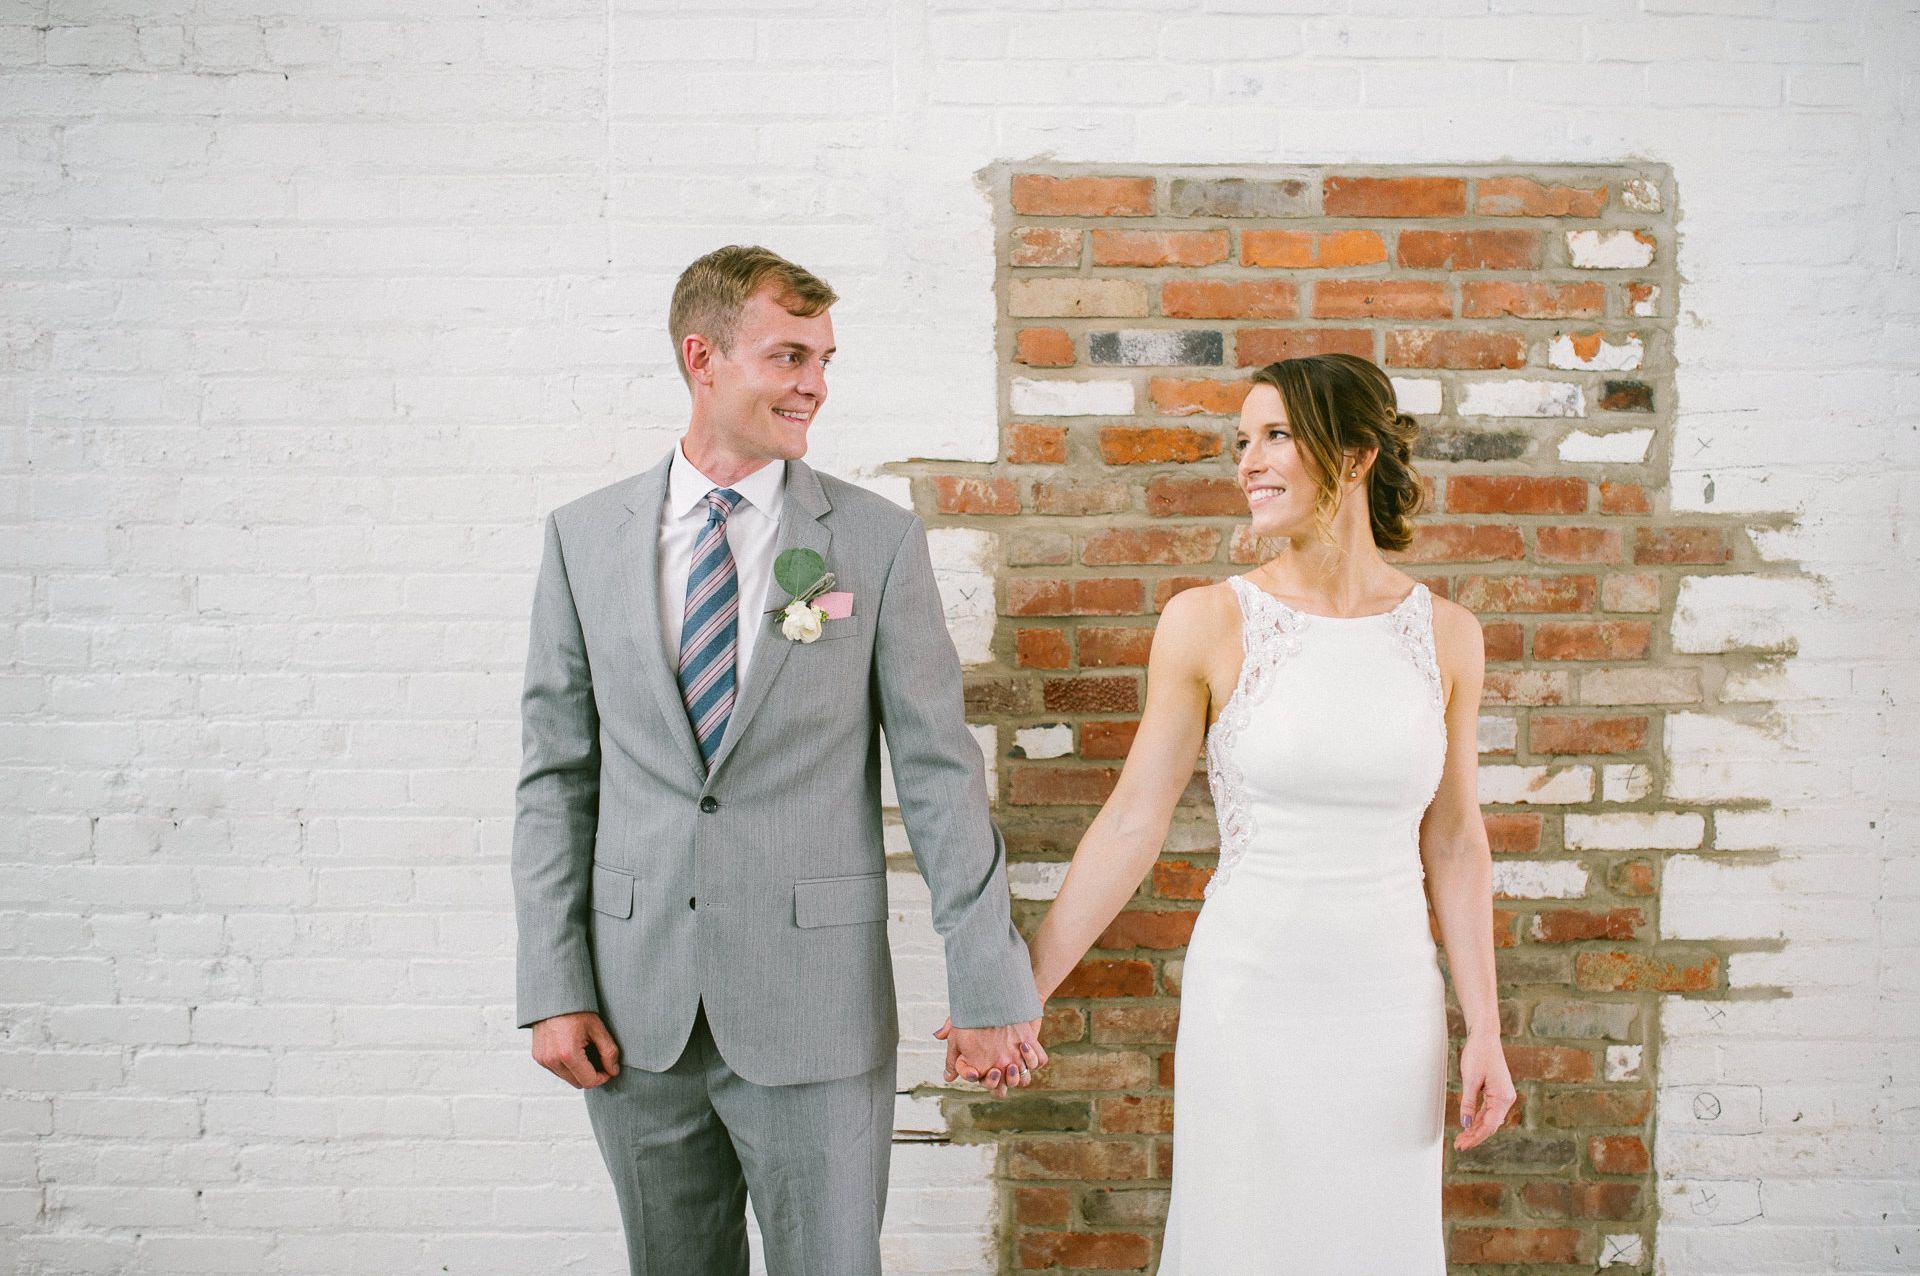 The Madison Wedding Venue Cleveland Wedding Photographer 00193.JPG